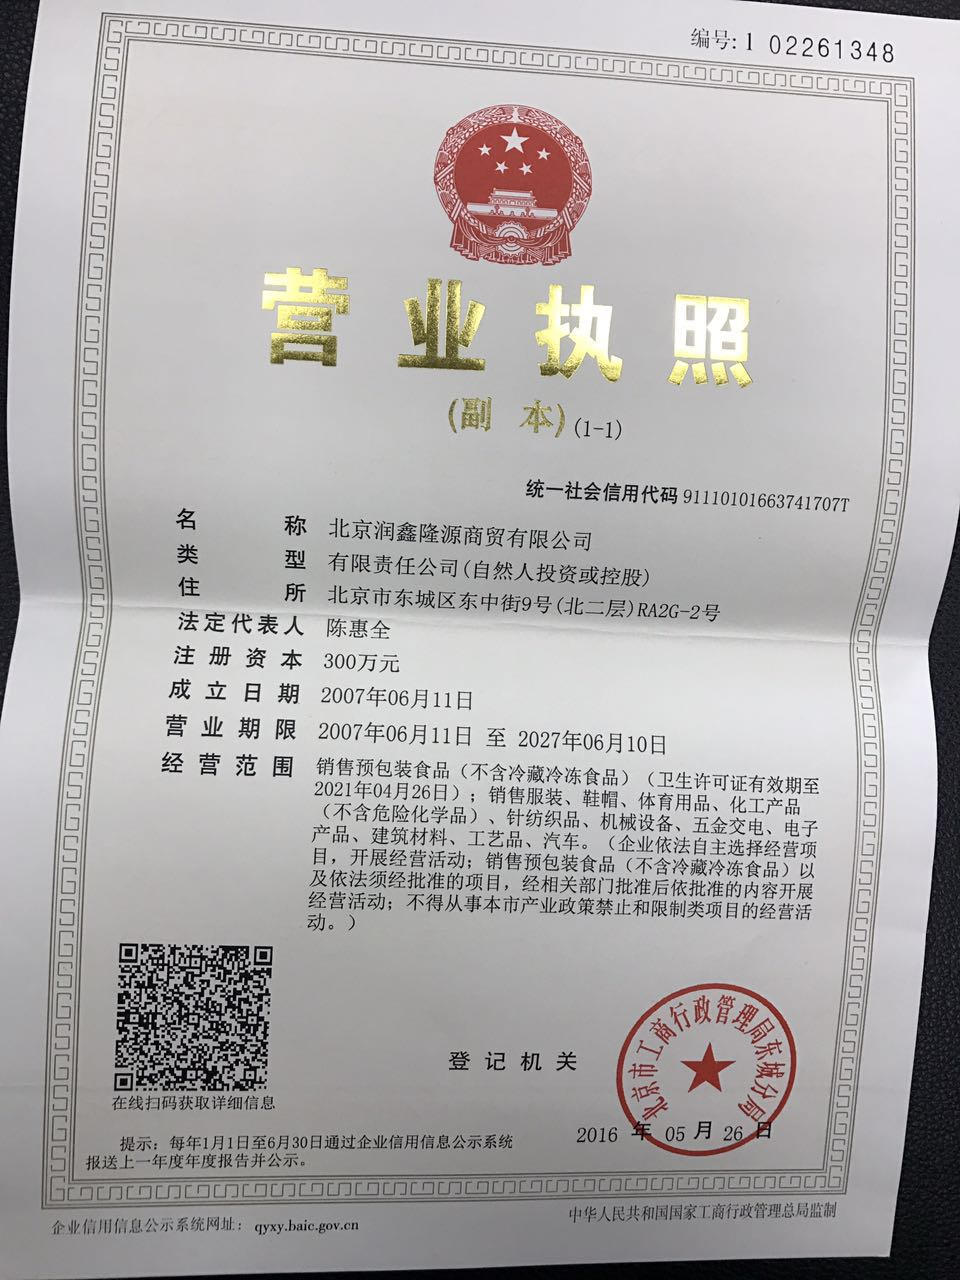 北京润鑫隆源商贸有限公司企业档案